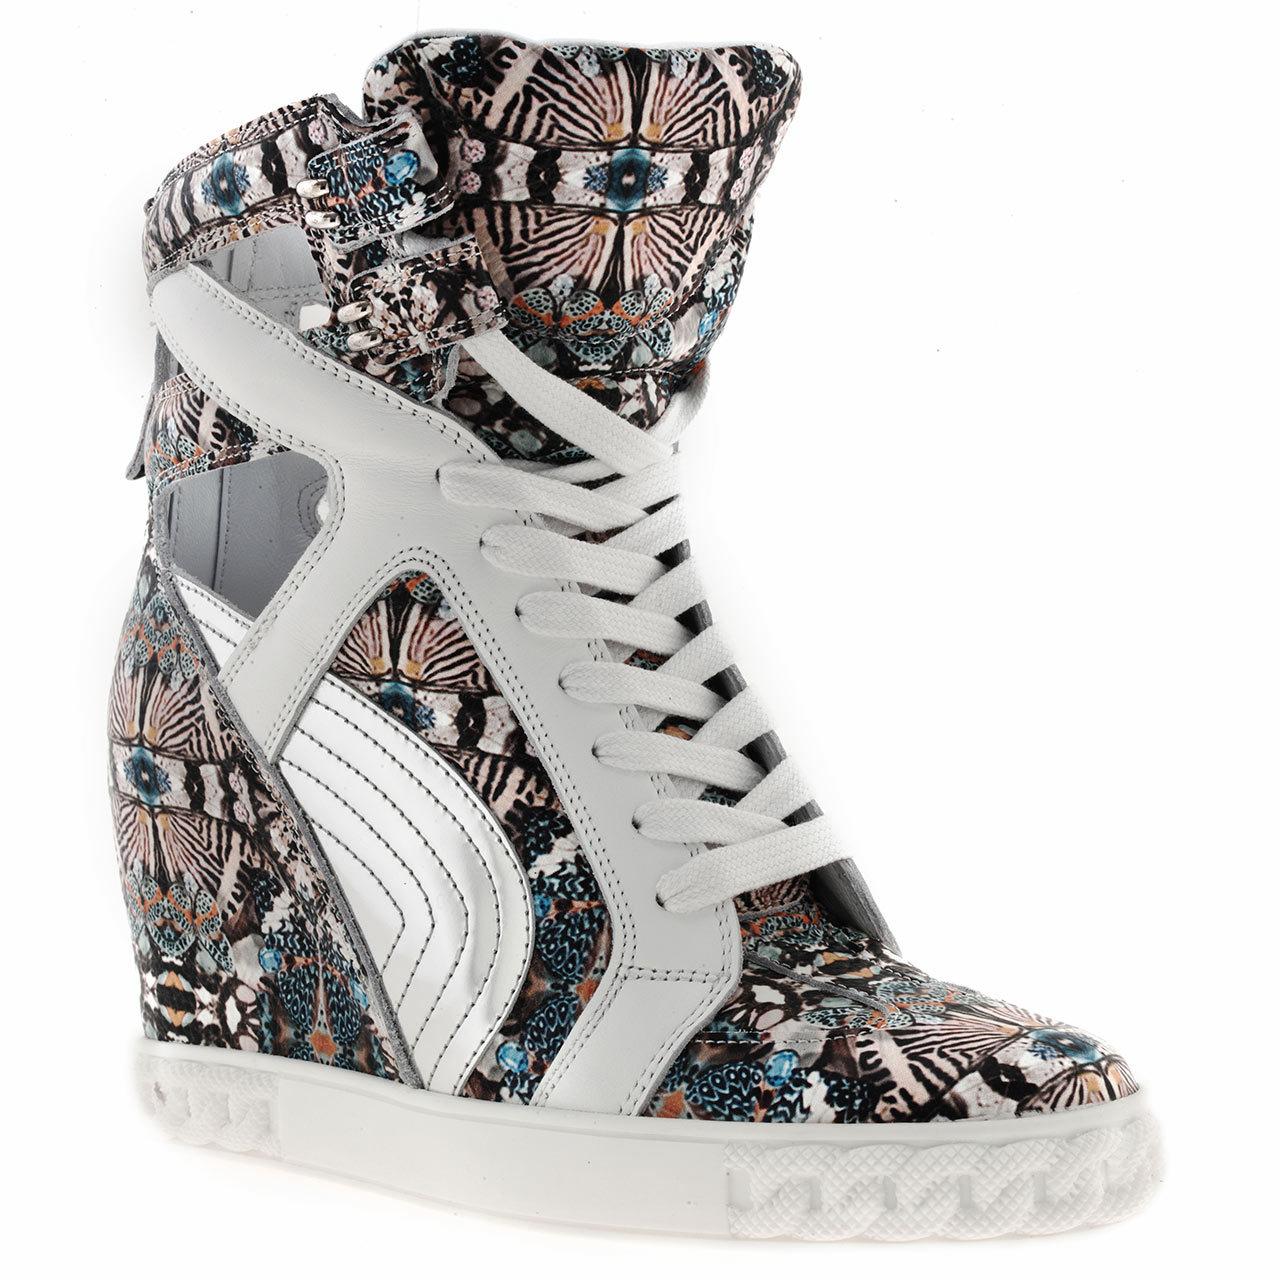 7a6ad7599d3 Женская обувь в стиле «спортивный гламур»  позитивно и неожиданно мило